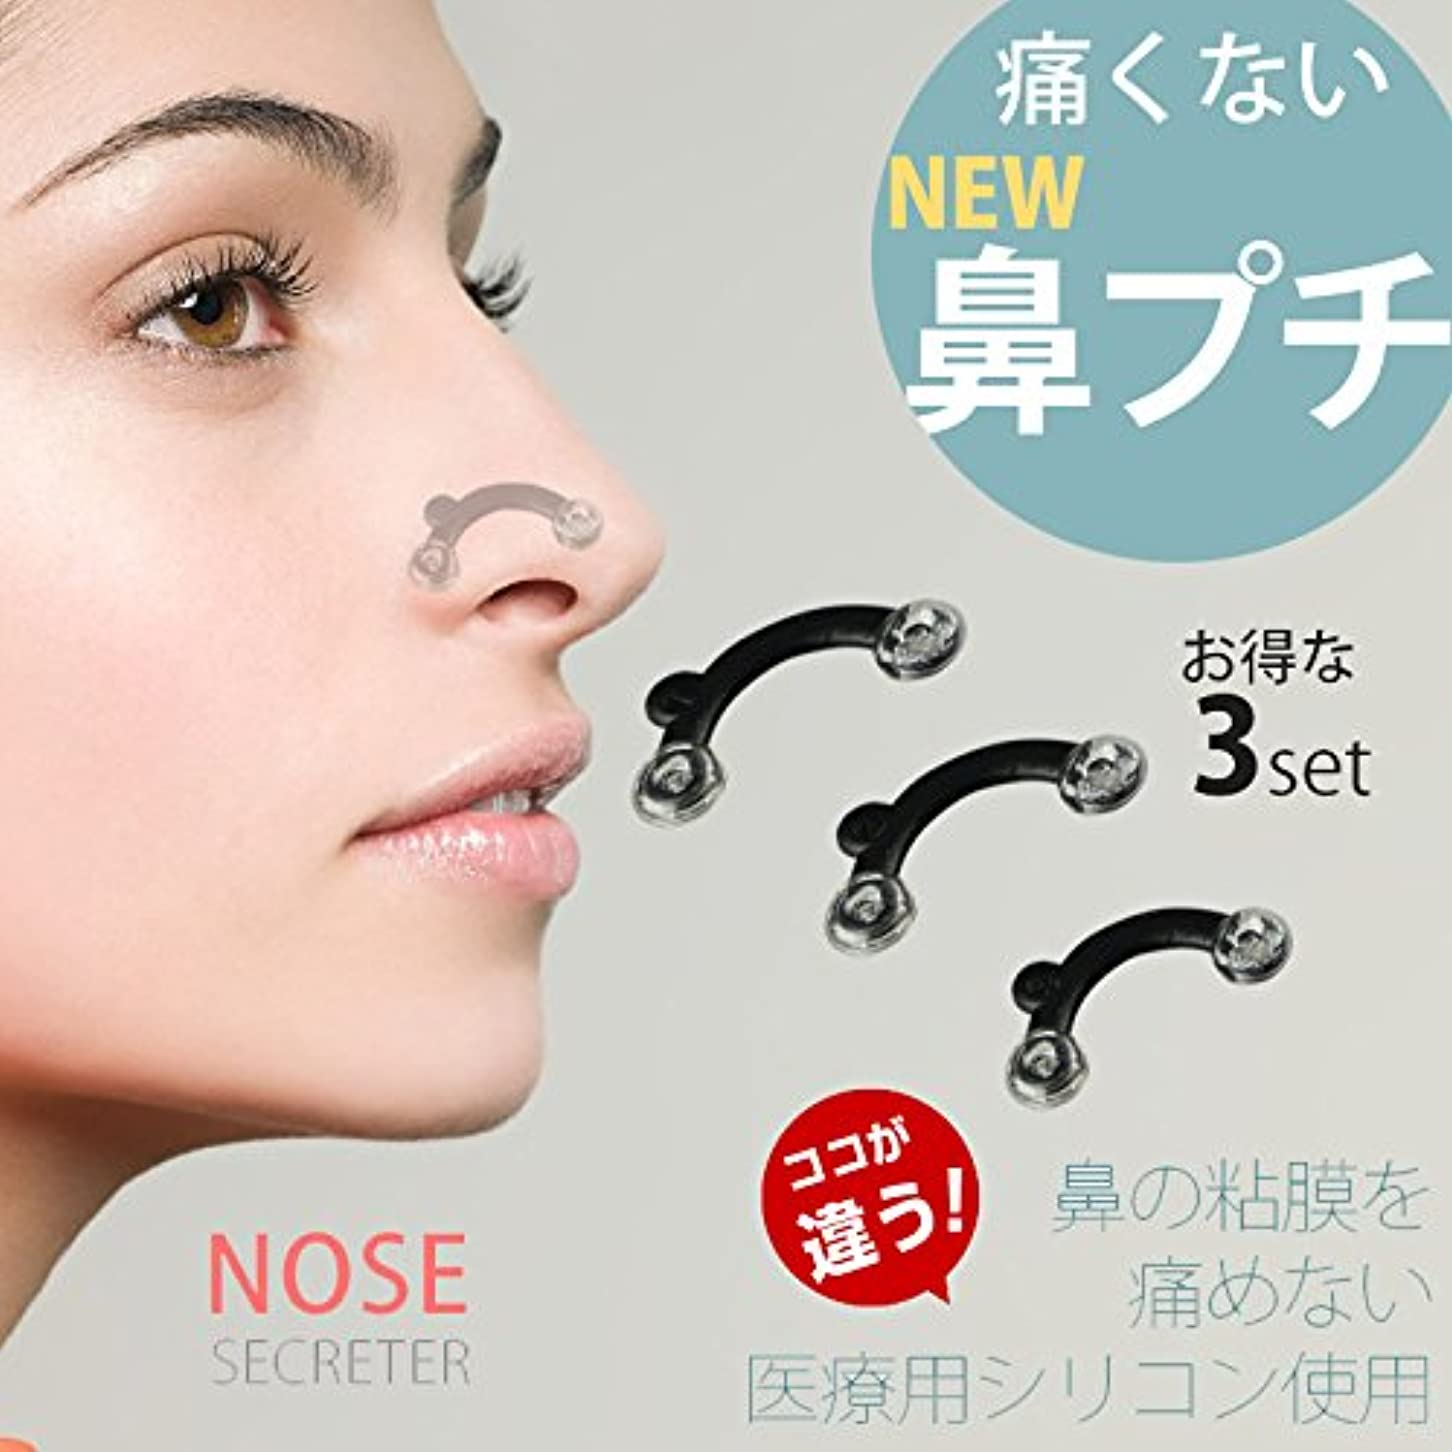 ハードリングキノコセールOUSENEI 鼻プチ 矯正プチ 美鼻 整形せず 医療用シリコン製 柔らかい 痛くない ハナのアイプチ 24.5mm/25.5mm/27mm 全3サイズ 3点セット (ブラック)